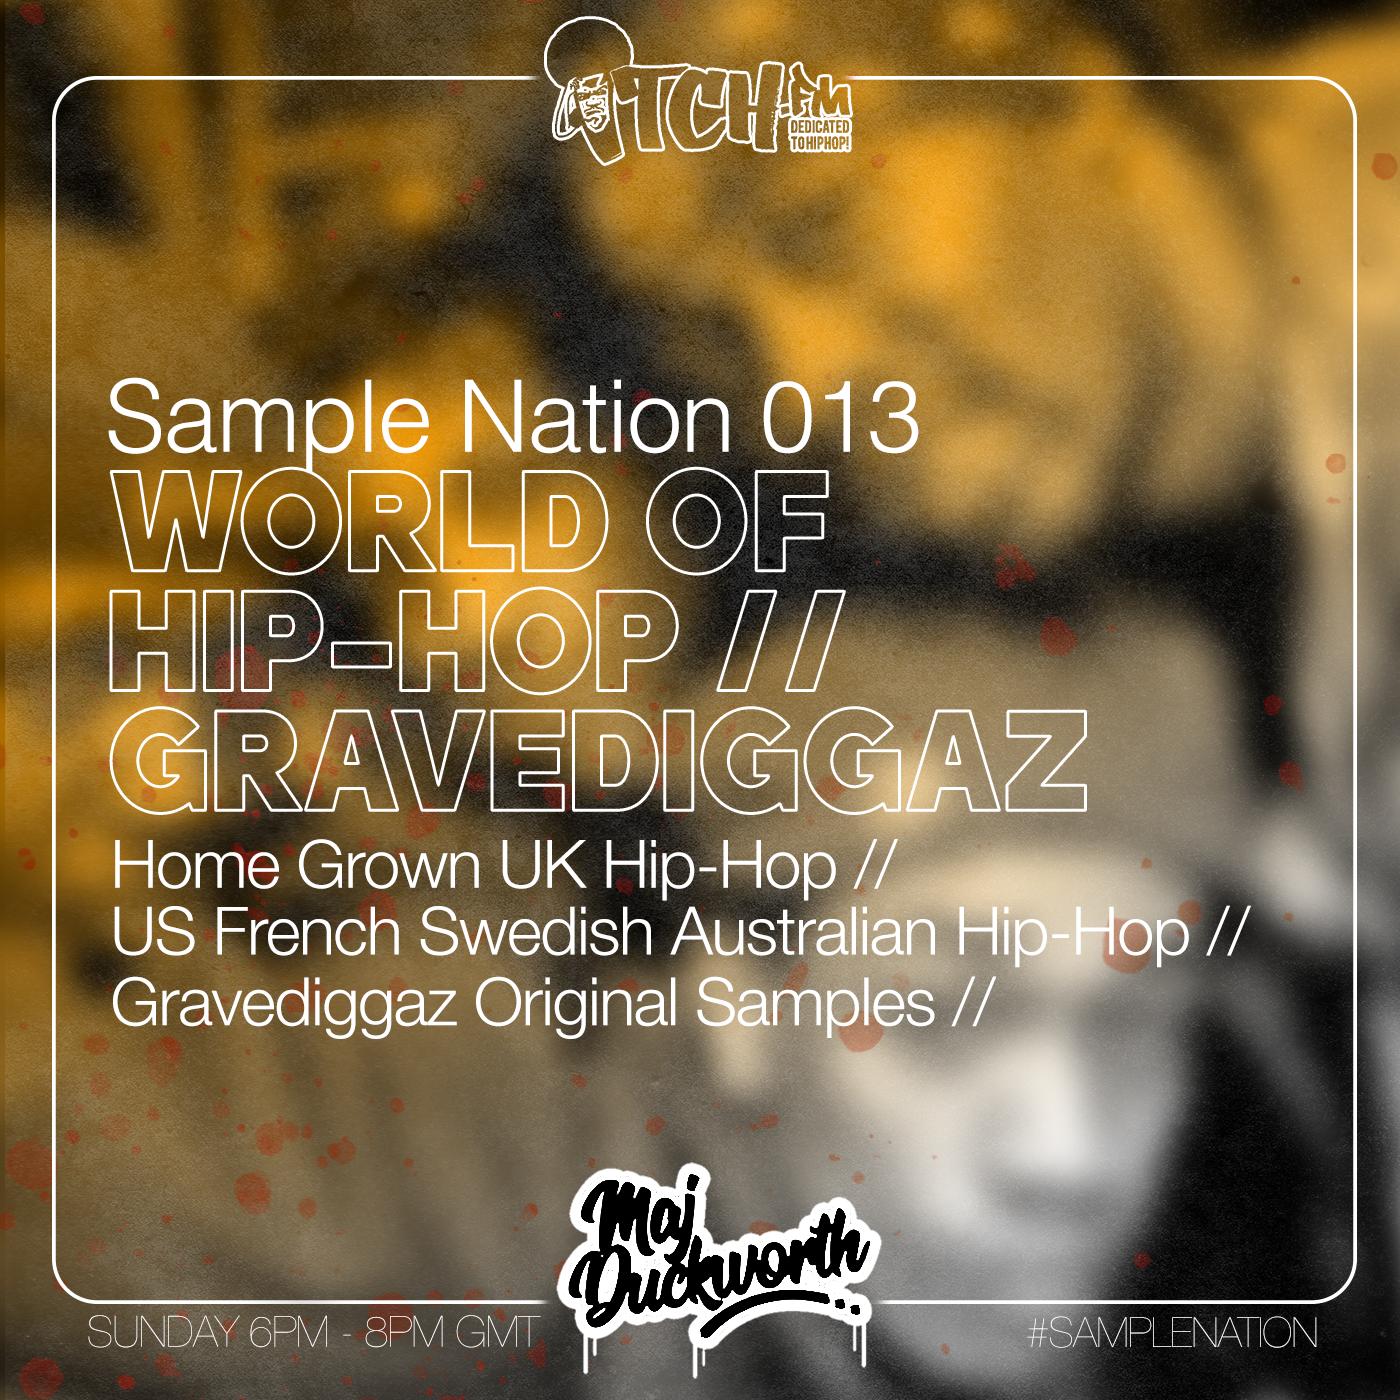 Sample Nation 013 - World of HipHop Gravediggaz.png